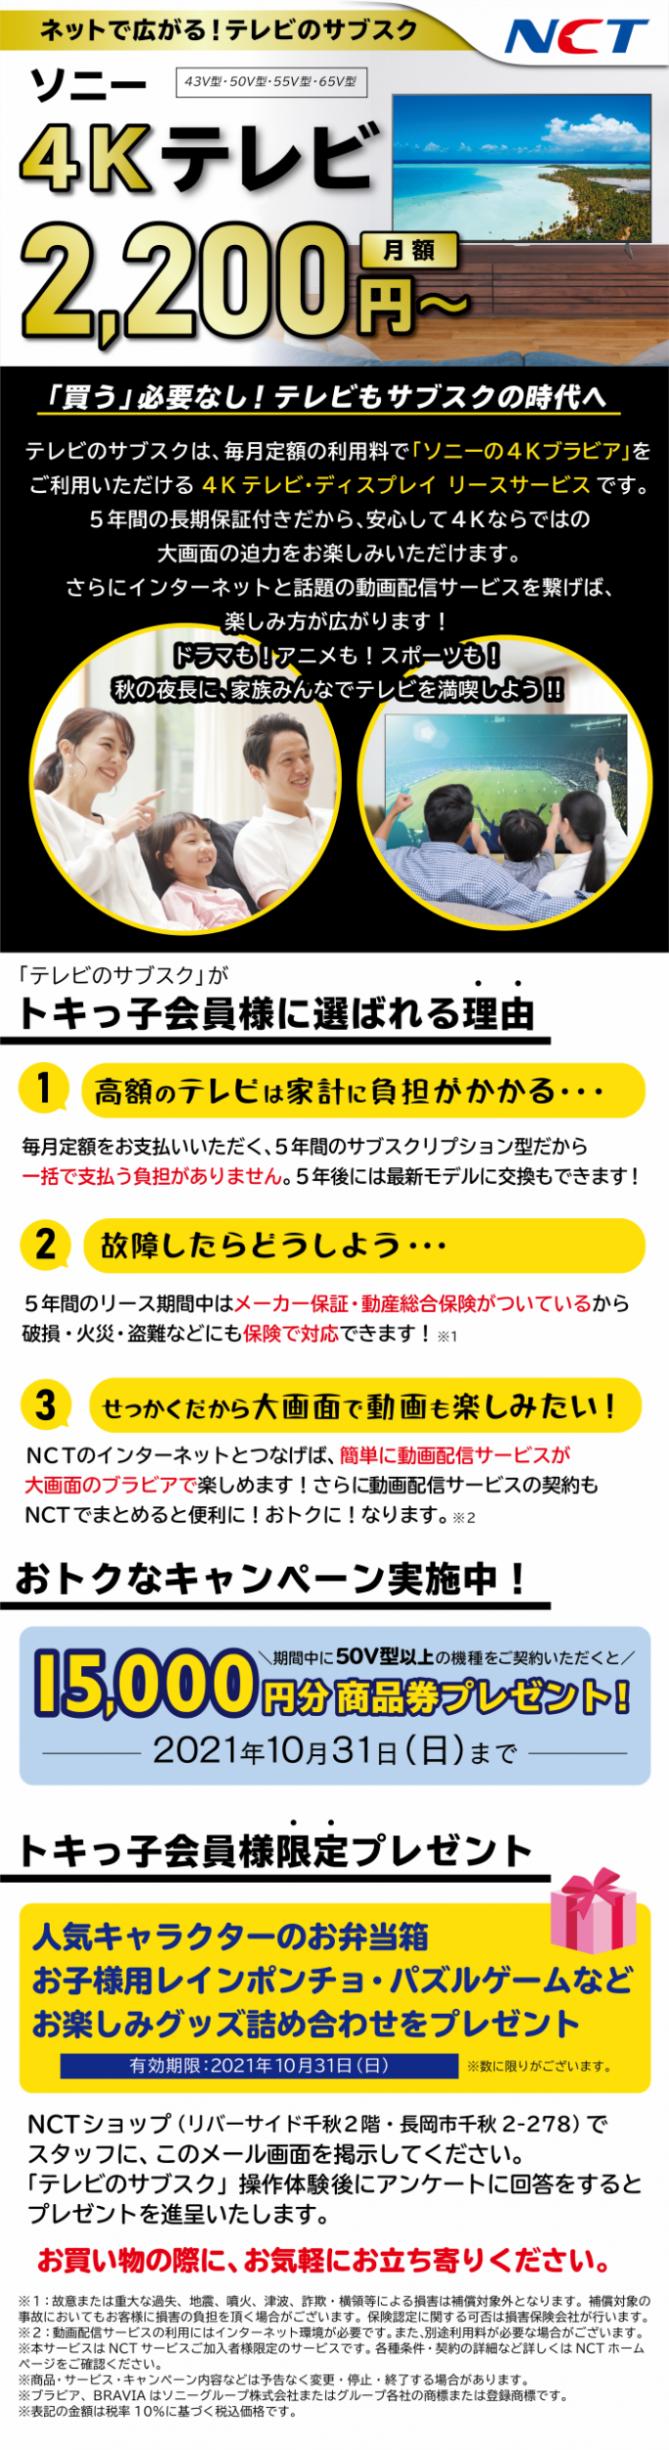 再【修正】トキっ子メルマガ2021.09.24